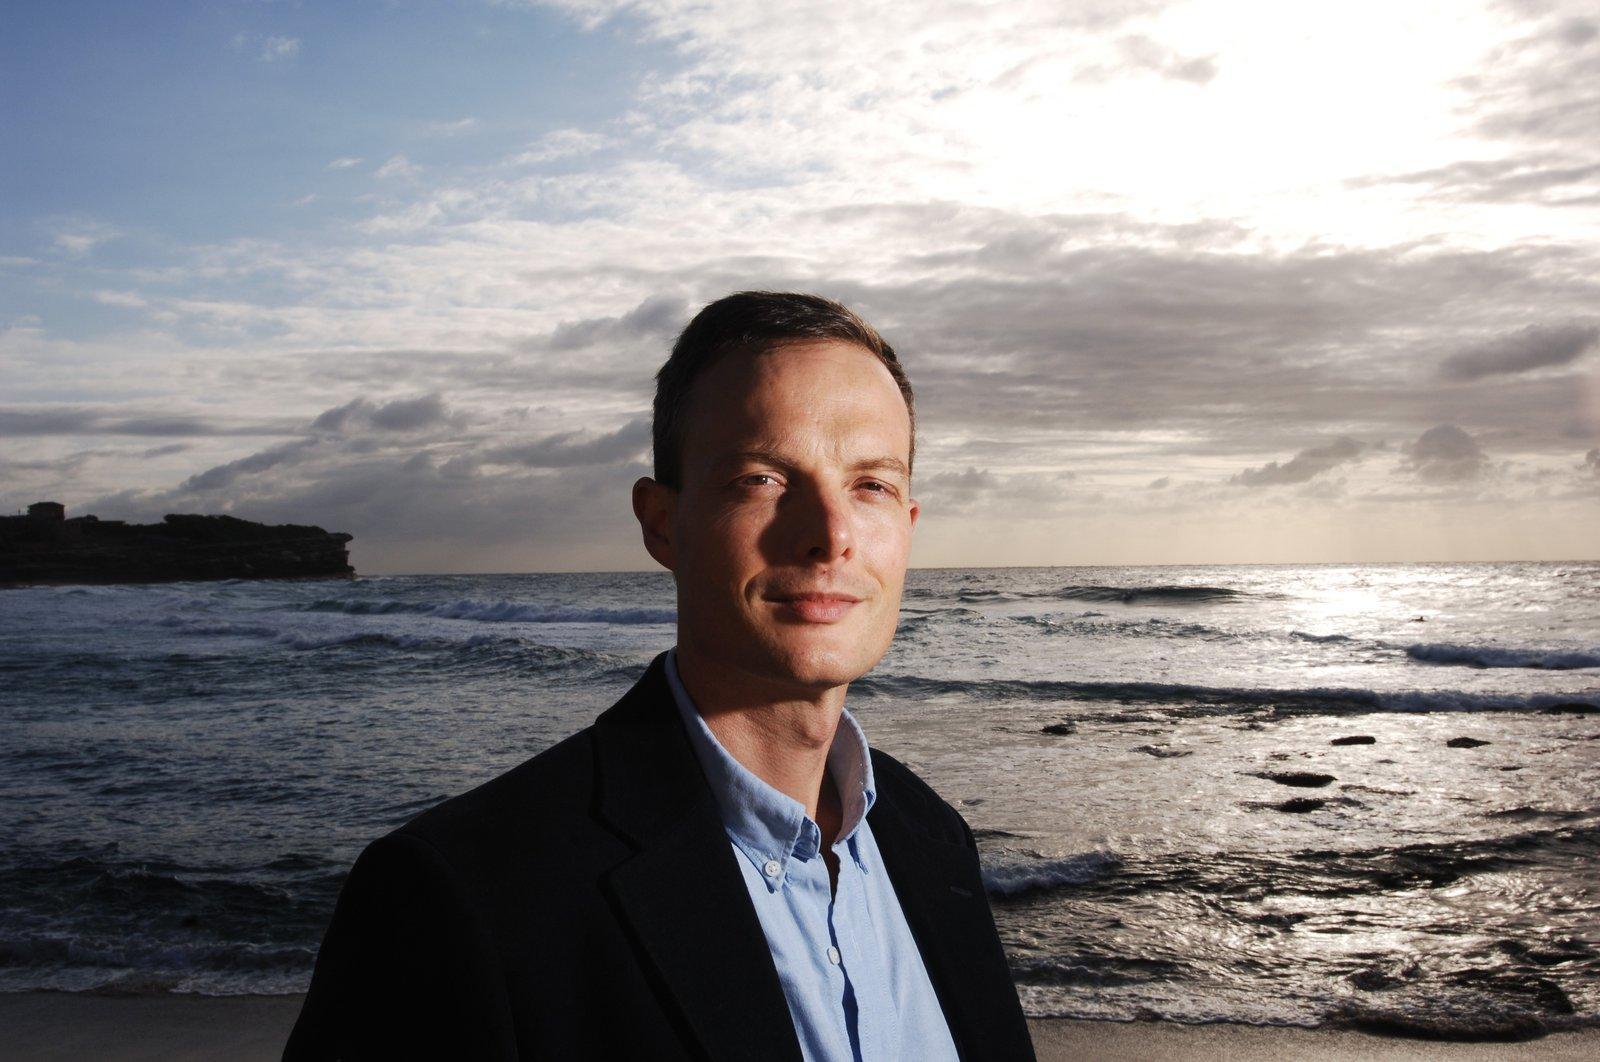 Professor Andrew Pitman